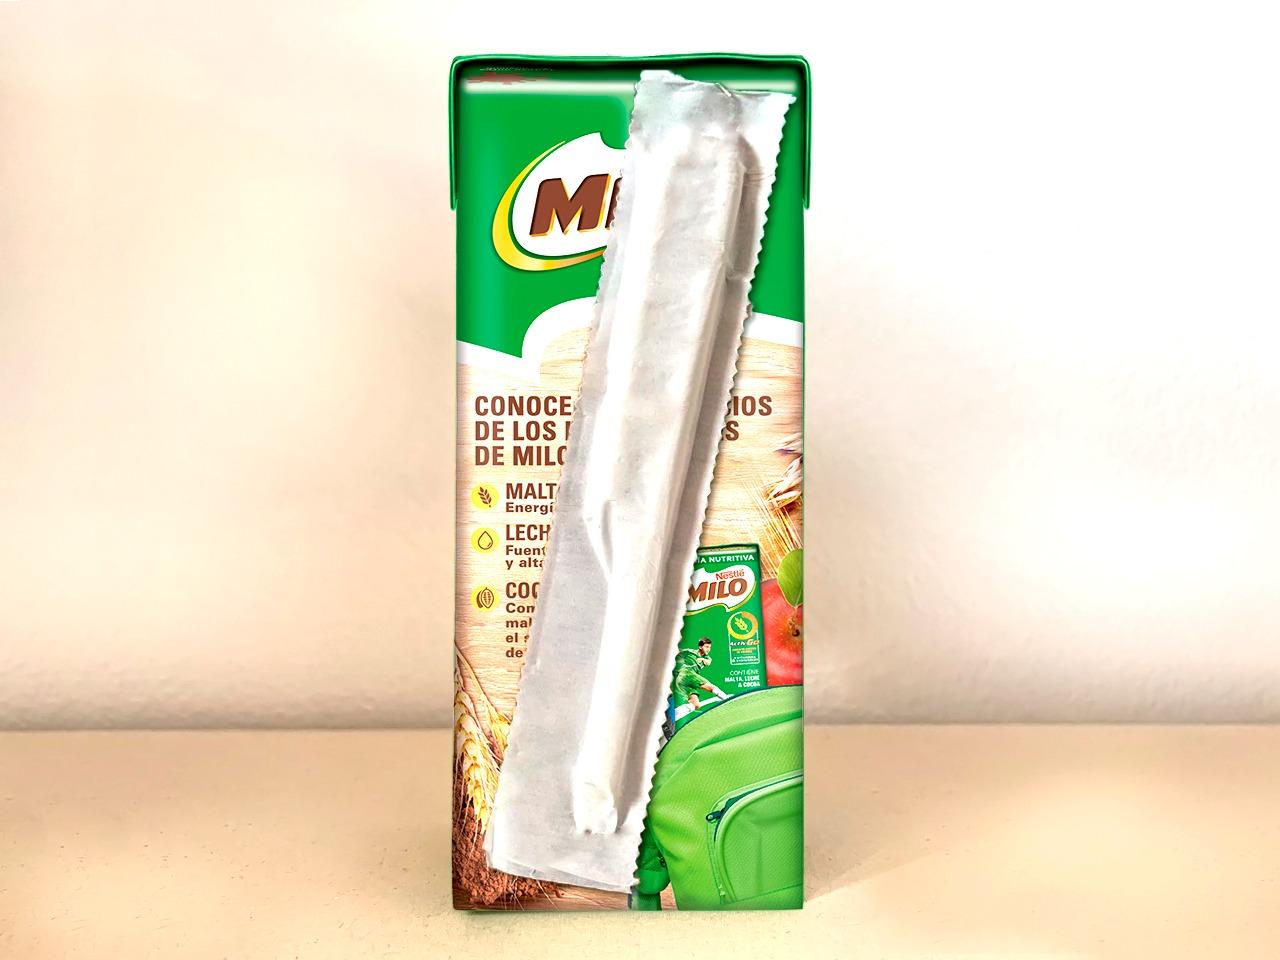 Nestlé Colombia dejará de usar 10 millones de pitillos y bolsas plásticas al año reemplazándolos con innovaciones de papel para MILO® y KLIM® en Cajita.